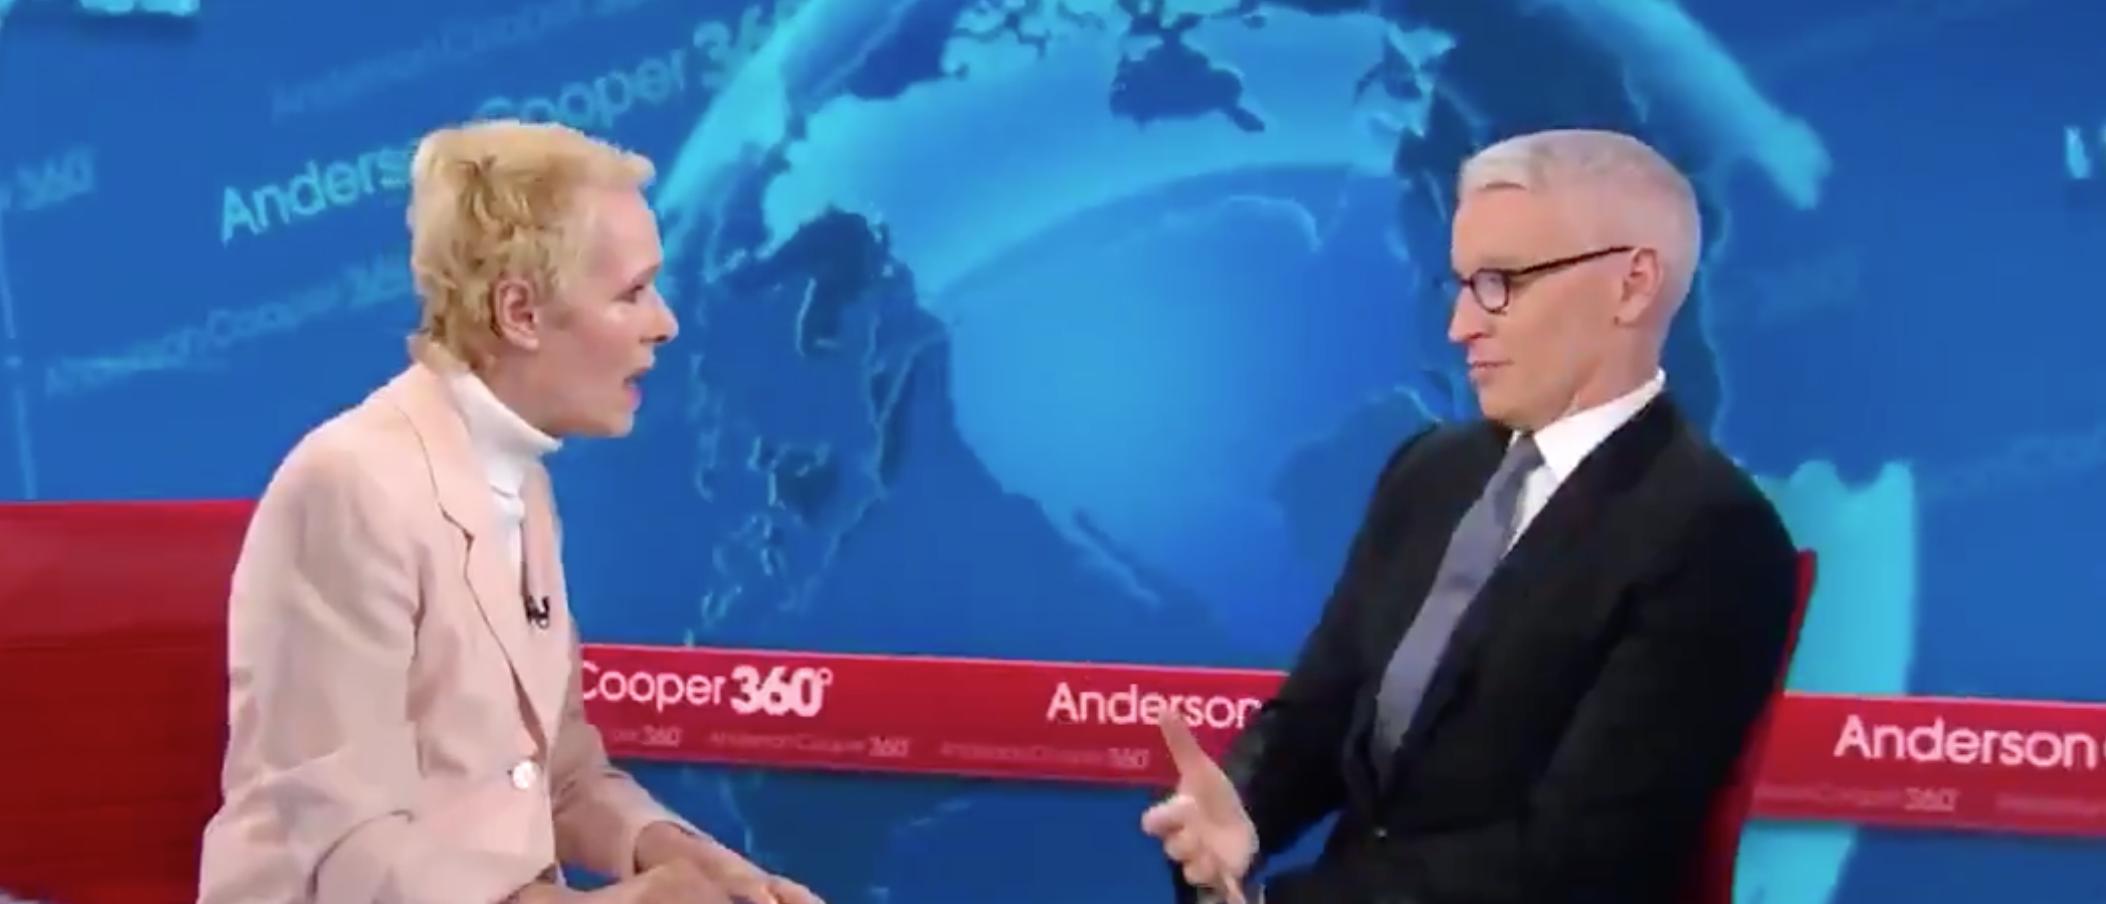 Anderson Cooper s'entretient avec E. Jean Carroll, chroniqueur des conseils de Elle. Capture d'écran / CNN